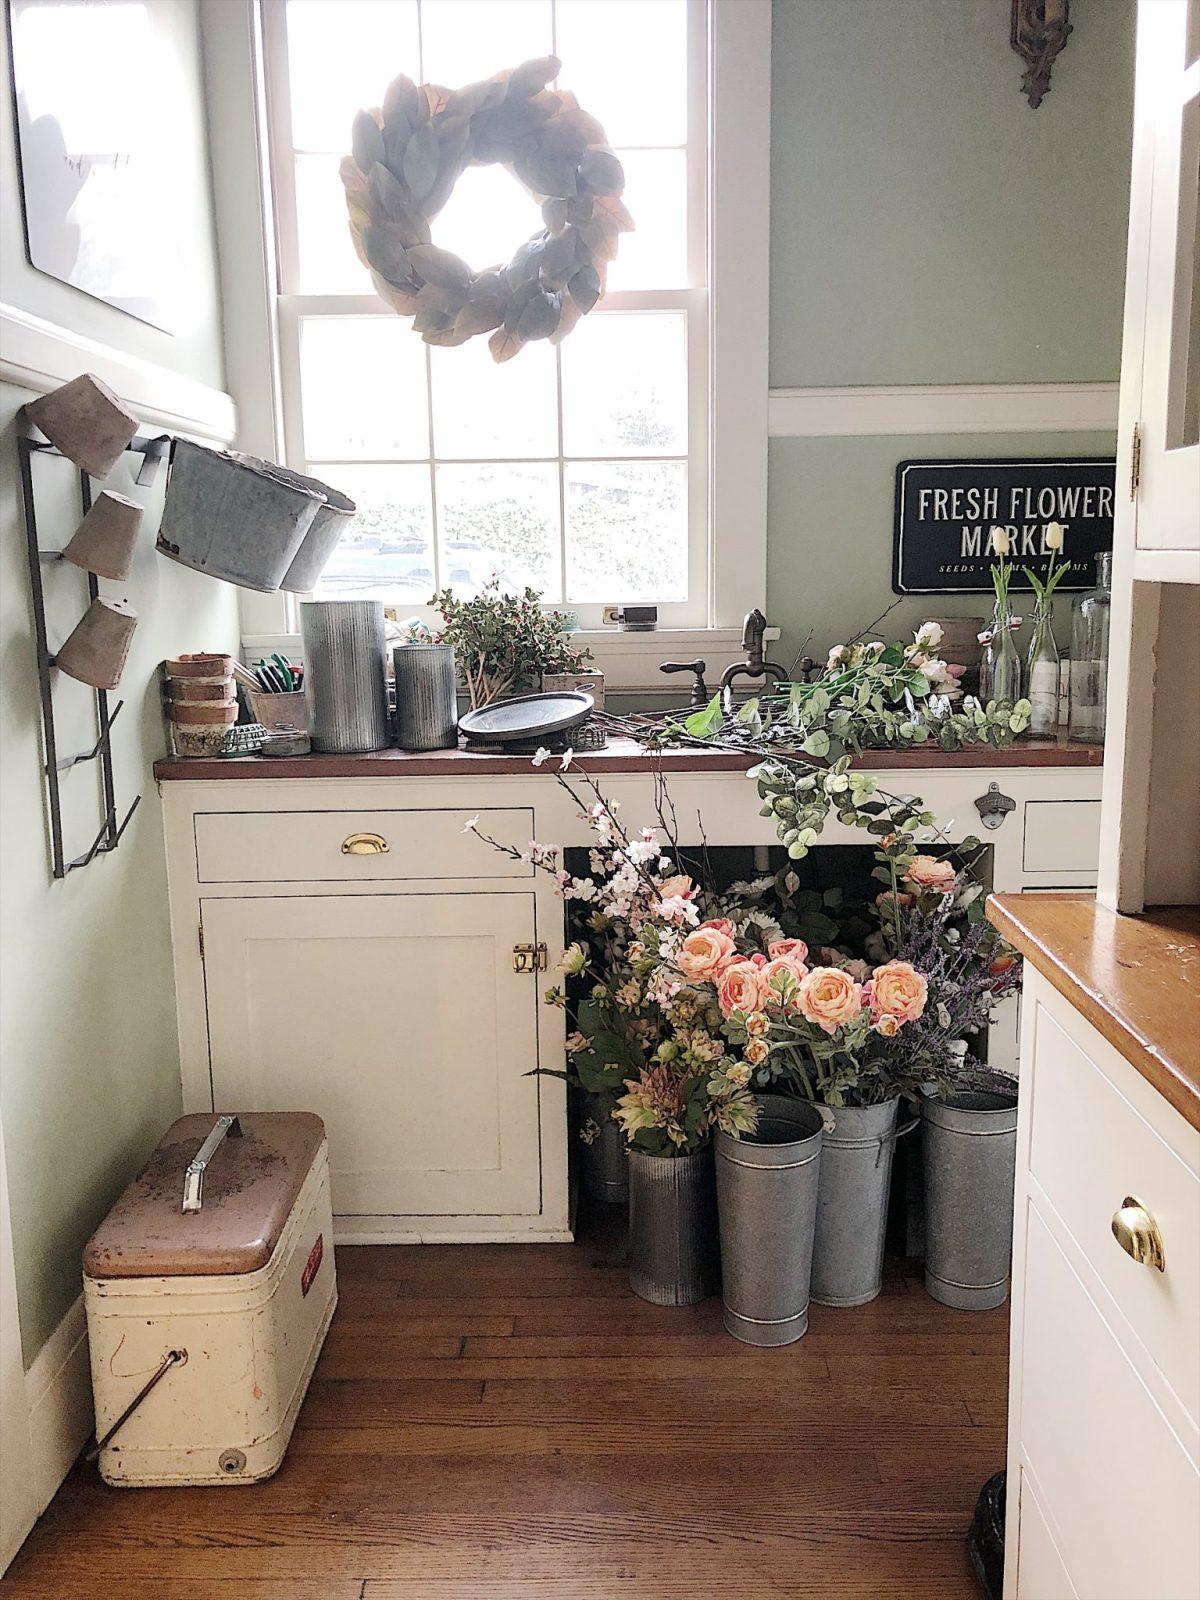 Room Arranging: Set Up Your Own Flower Arranging Room